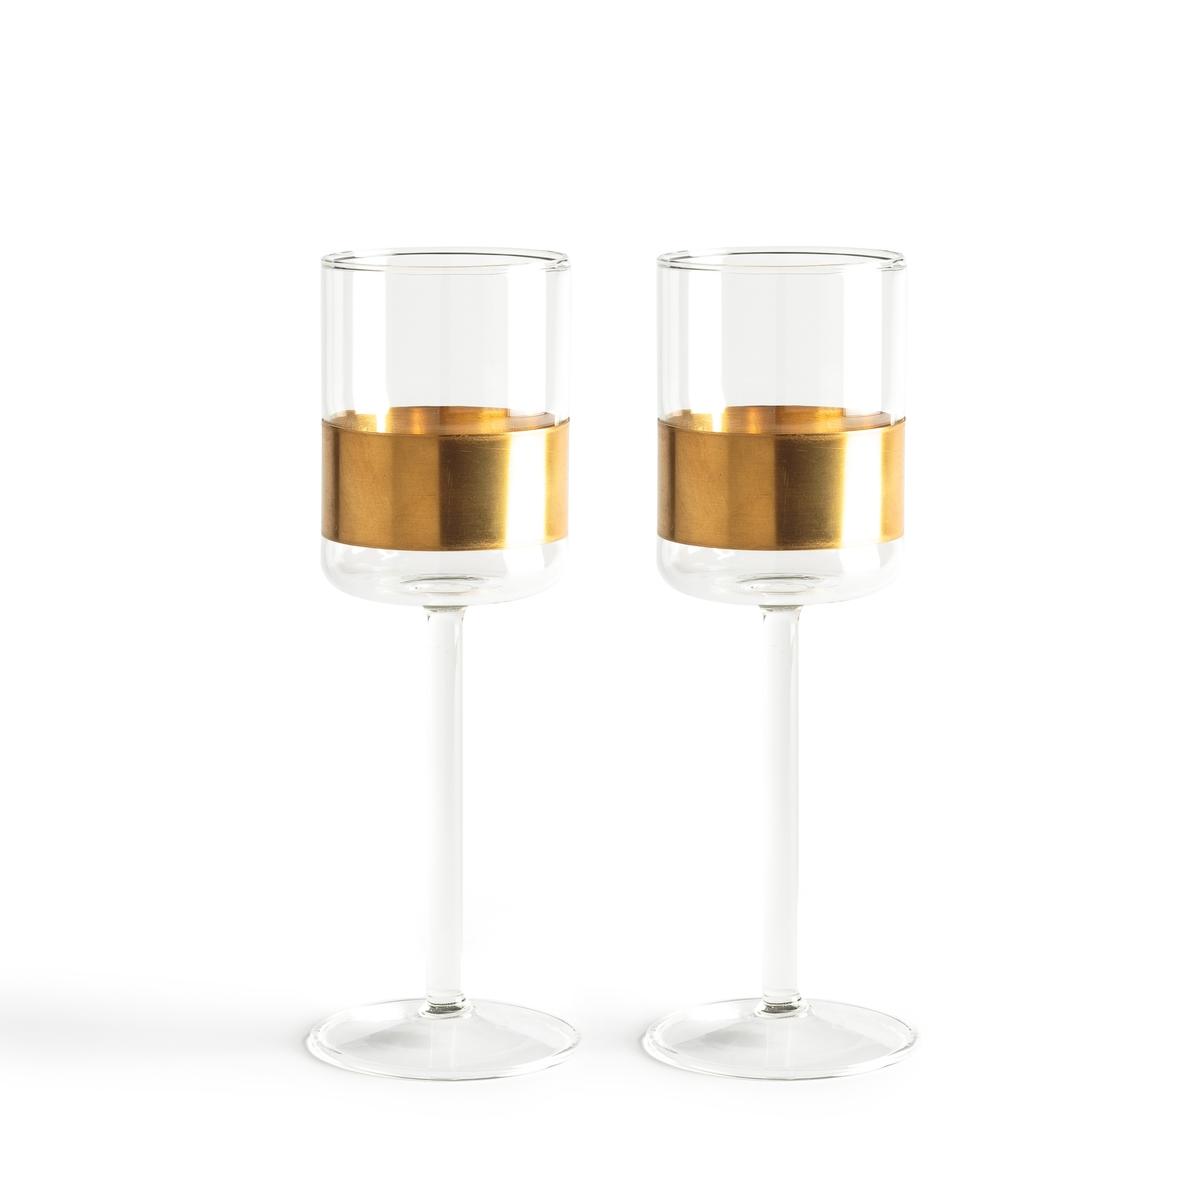 Бокала La Redoute Для белого вина Niels Datema Serax единый размер золотистый бокала la redoute для воды armoy единый размер другие